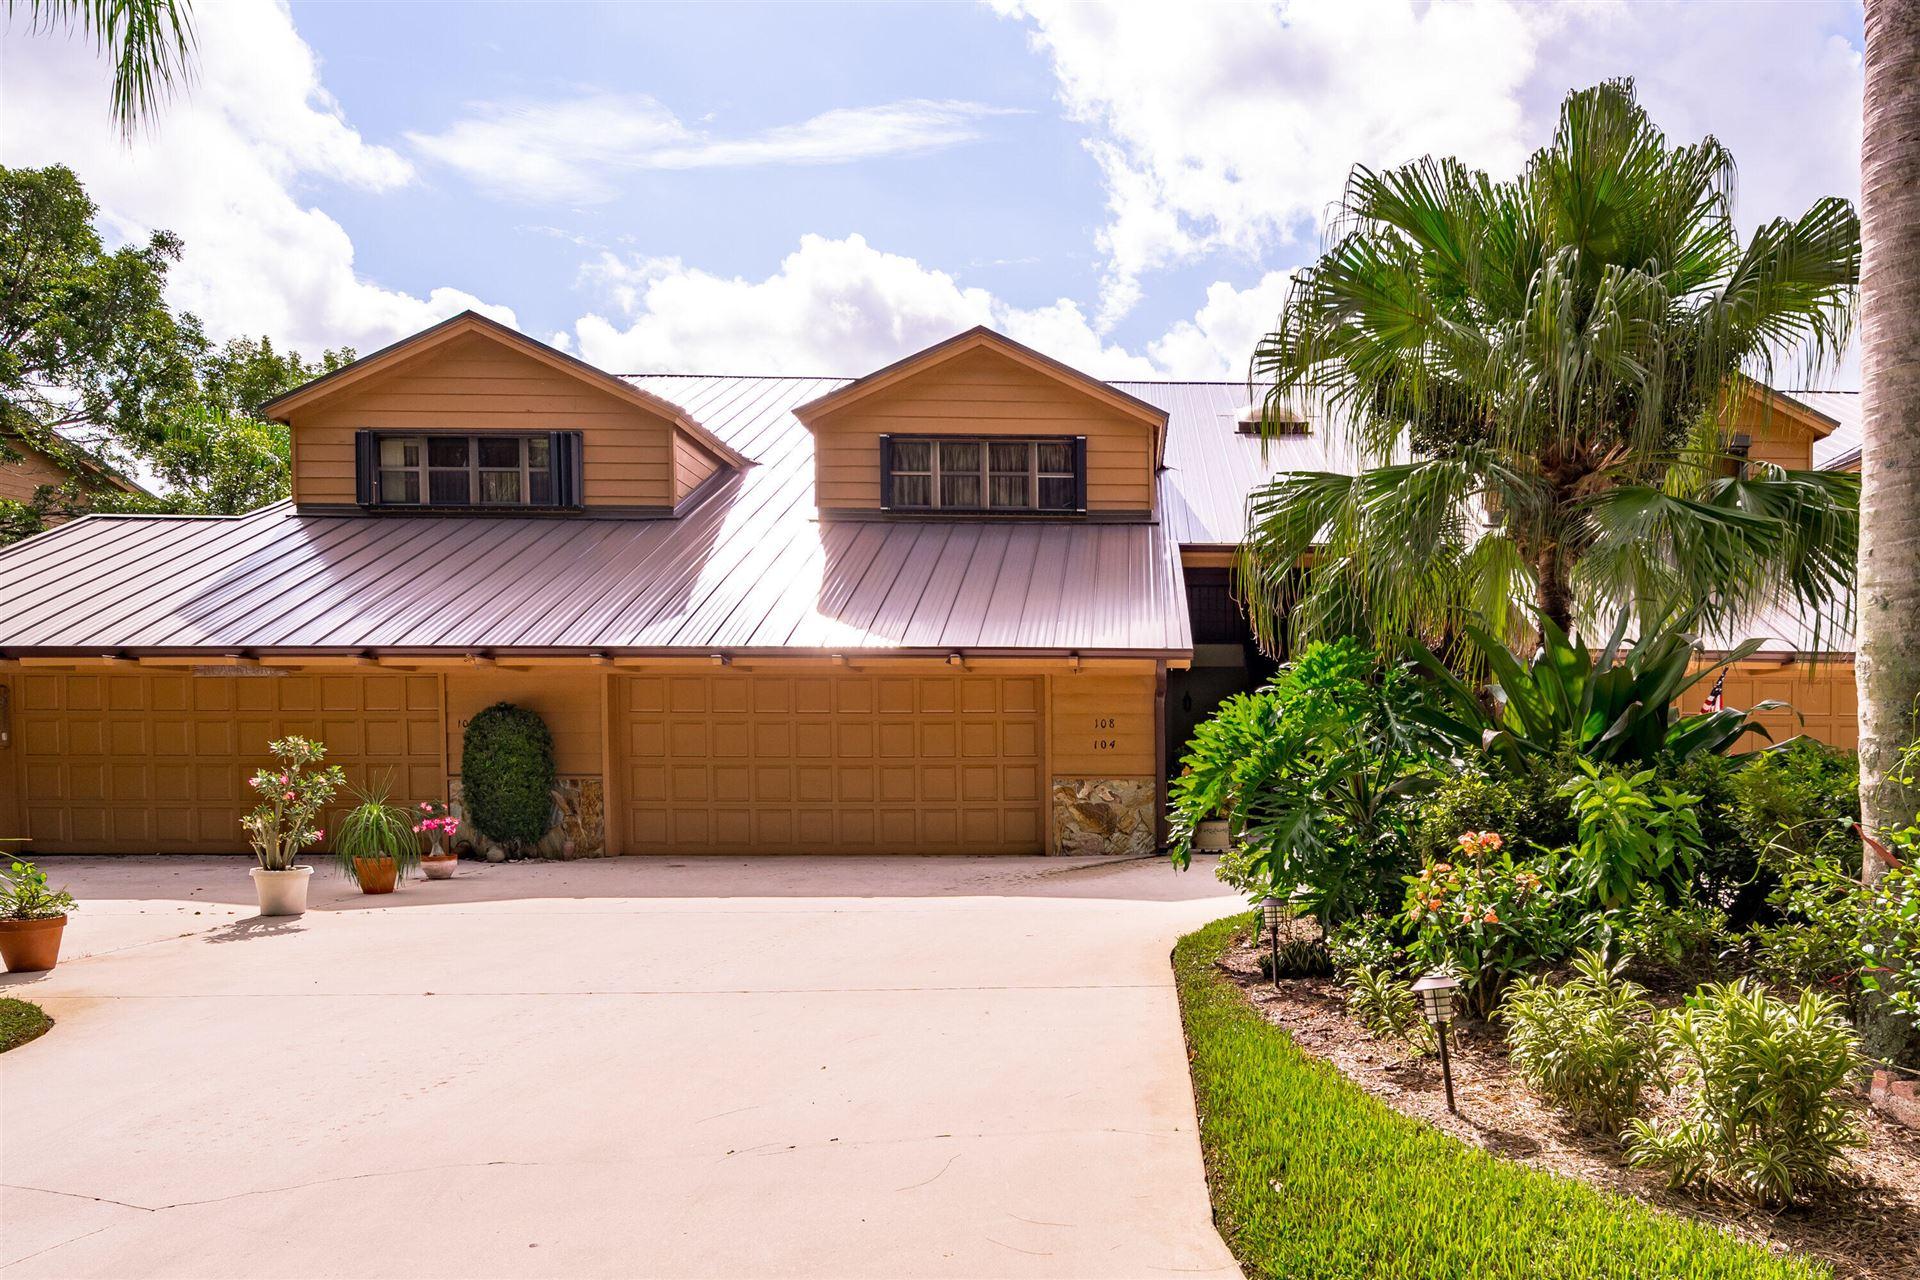 Photo of 108 SE Crestwood Circle #1-8, Stuart, FL 34997 (MLS # RX-10663703)